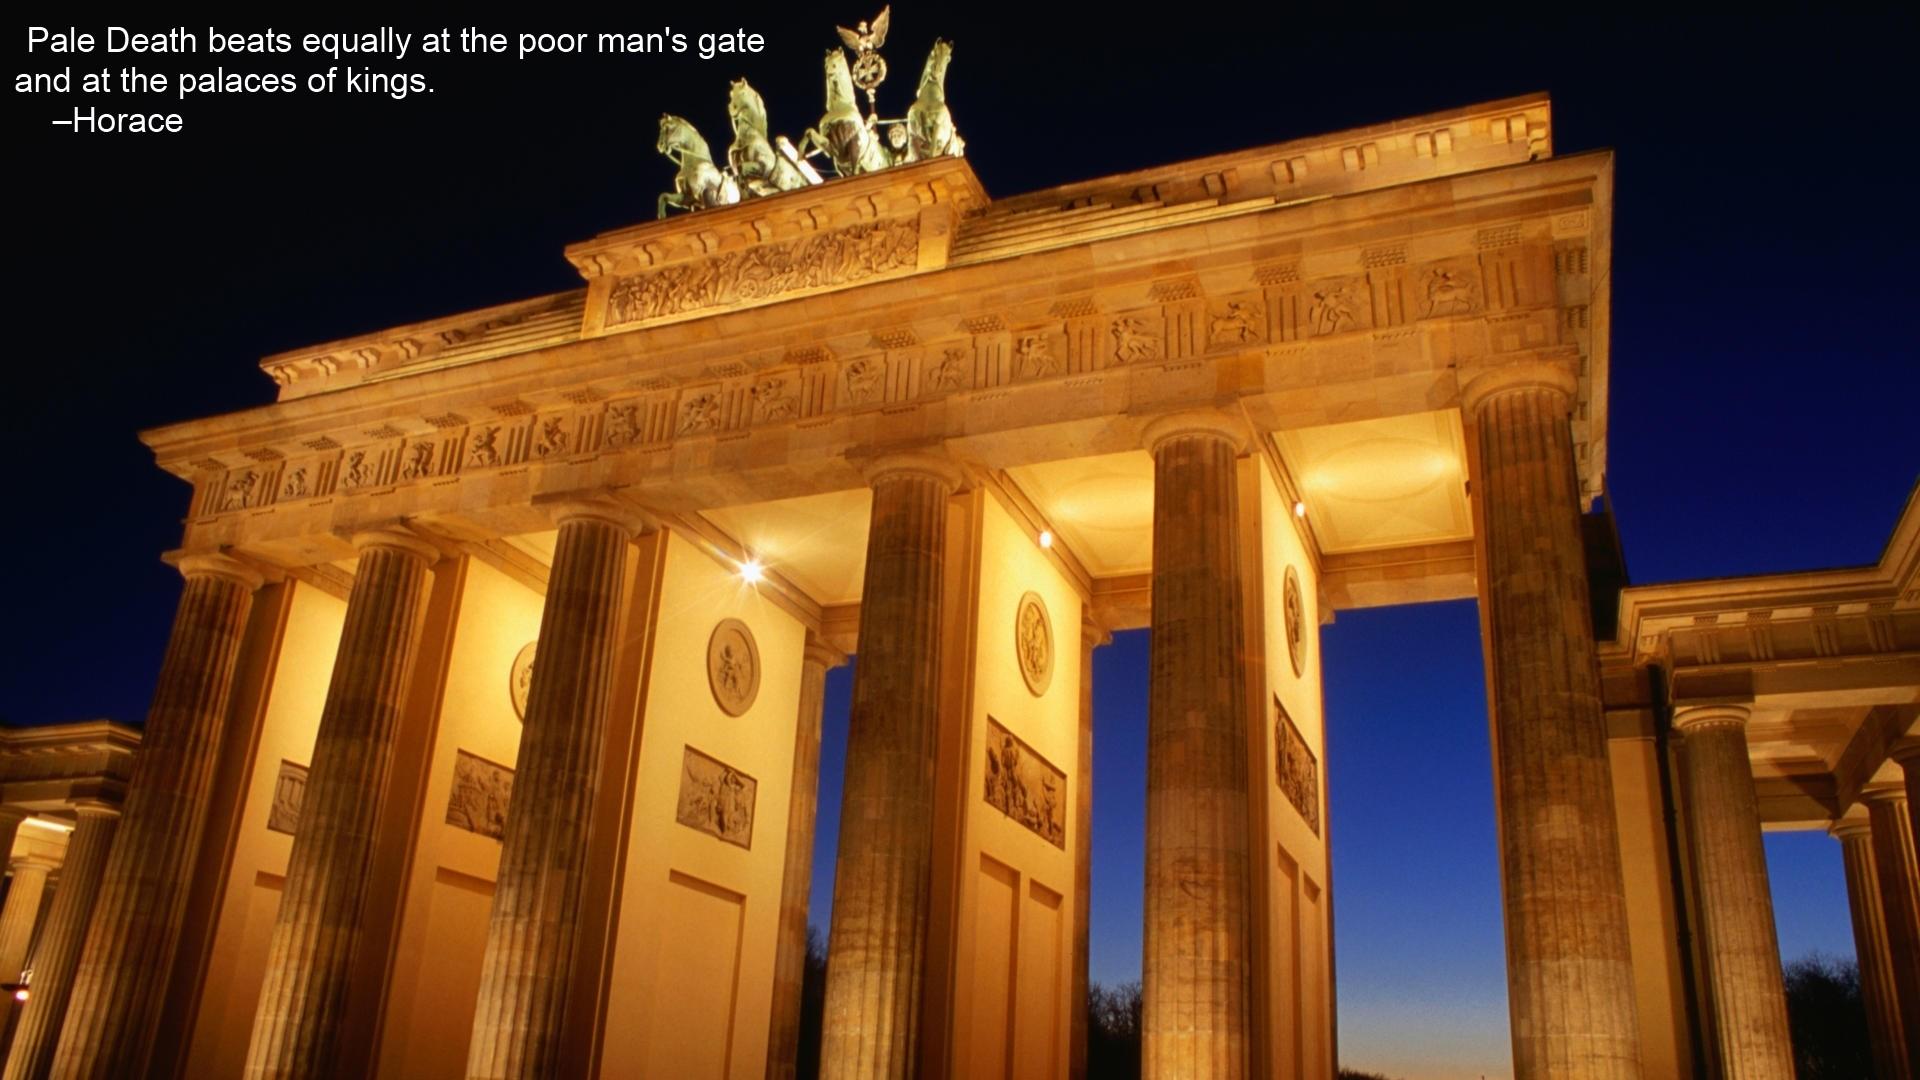 berlin quote